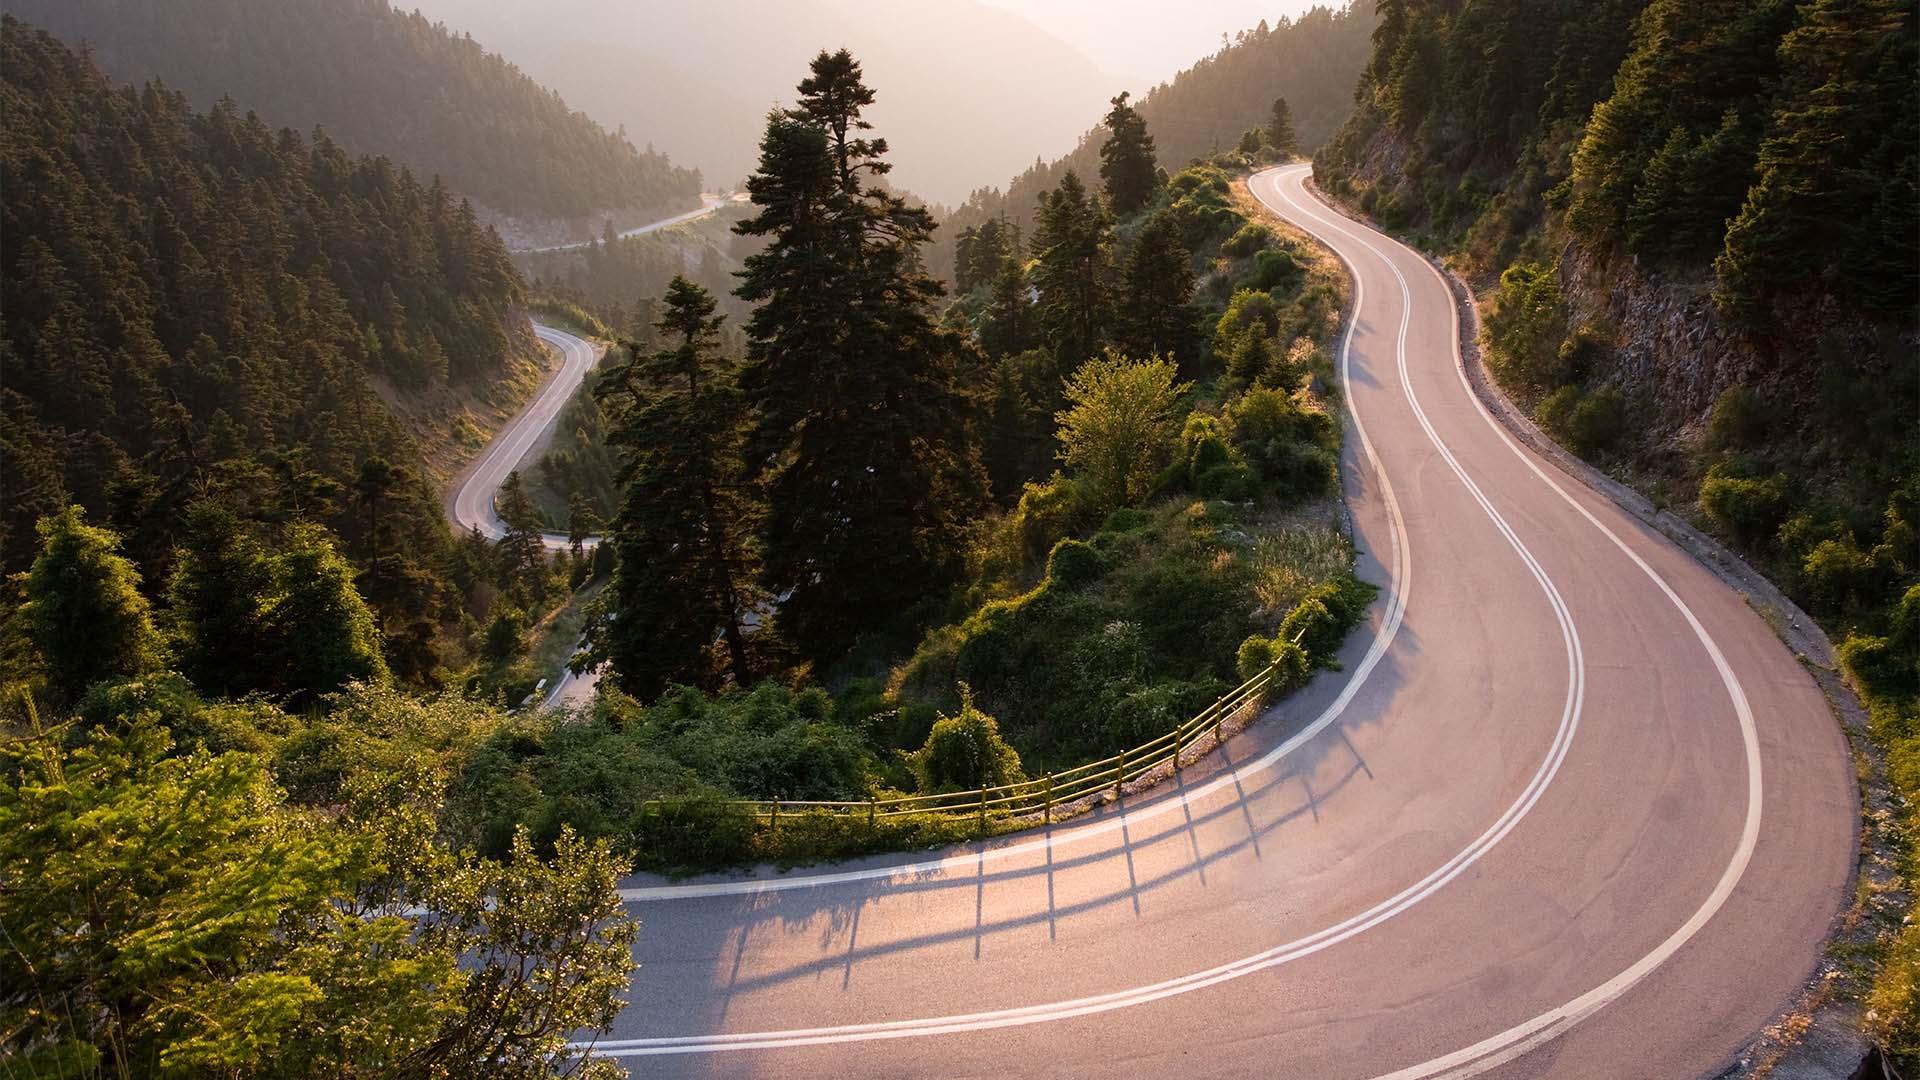 Al igual que la mítica carretera estadounidense el país europeo contará con una vía dedicada al turismo